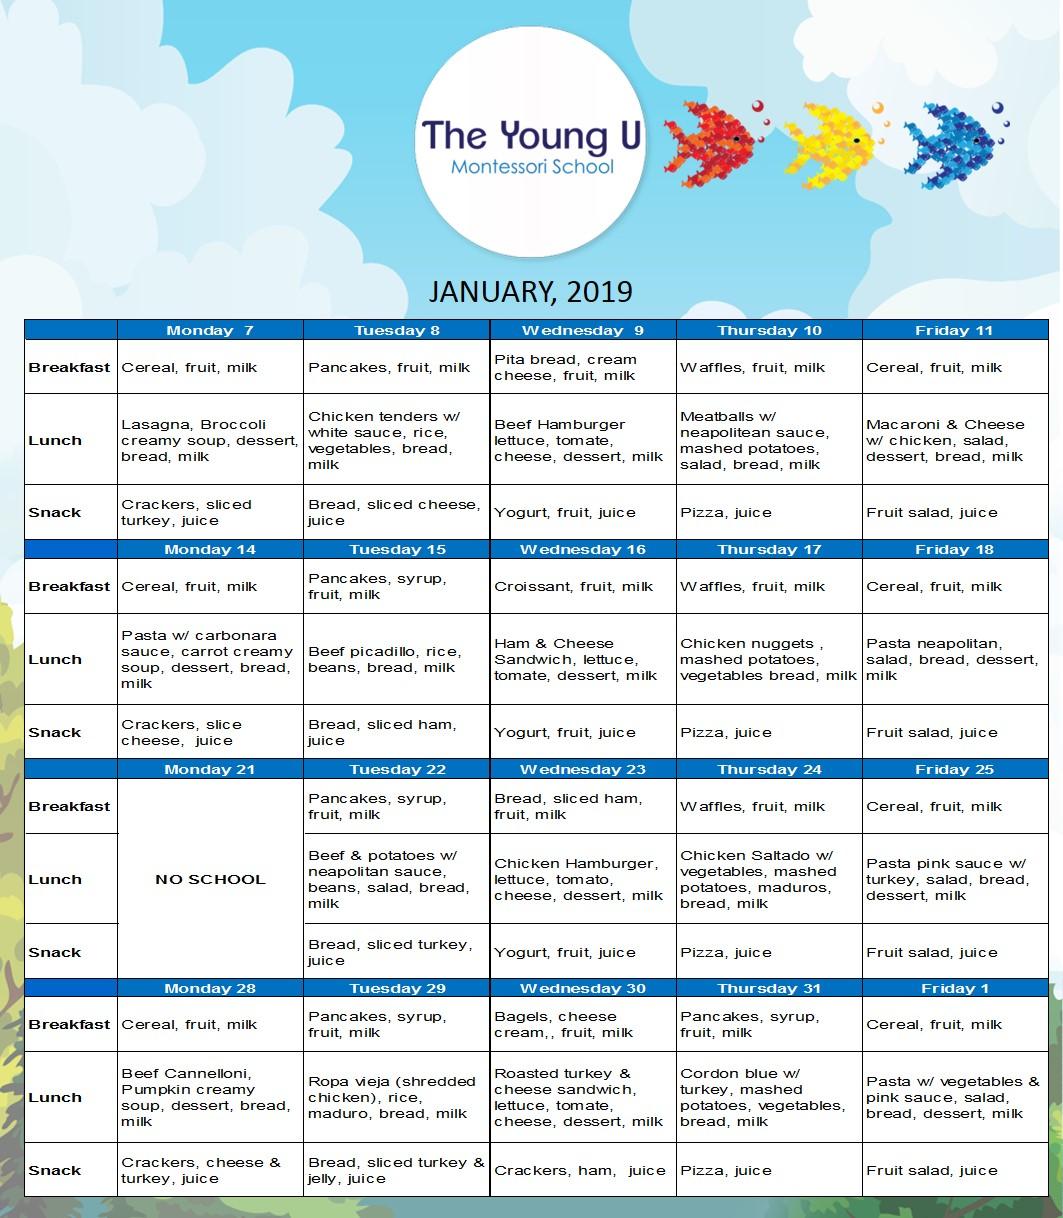 menu-jan-2019-tyu.jpg